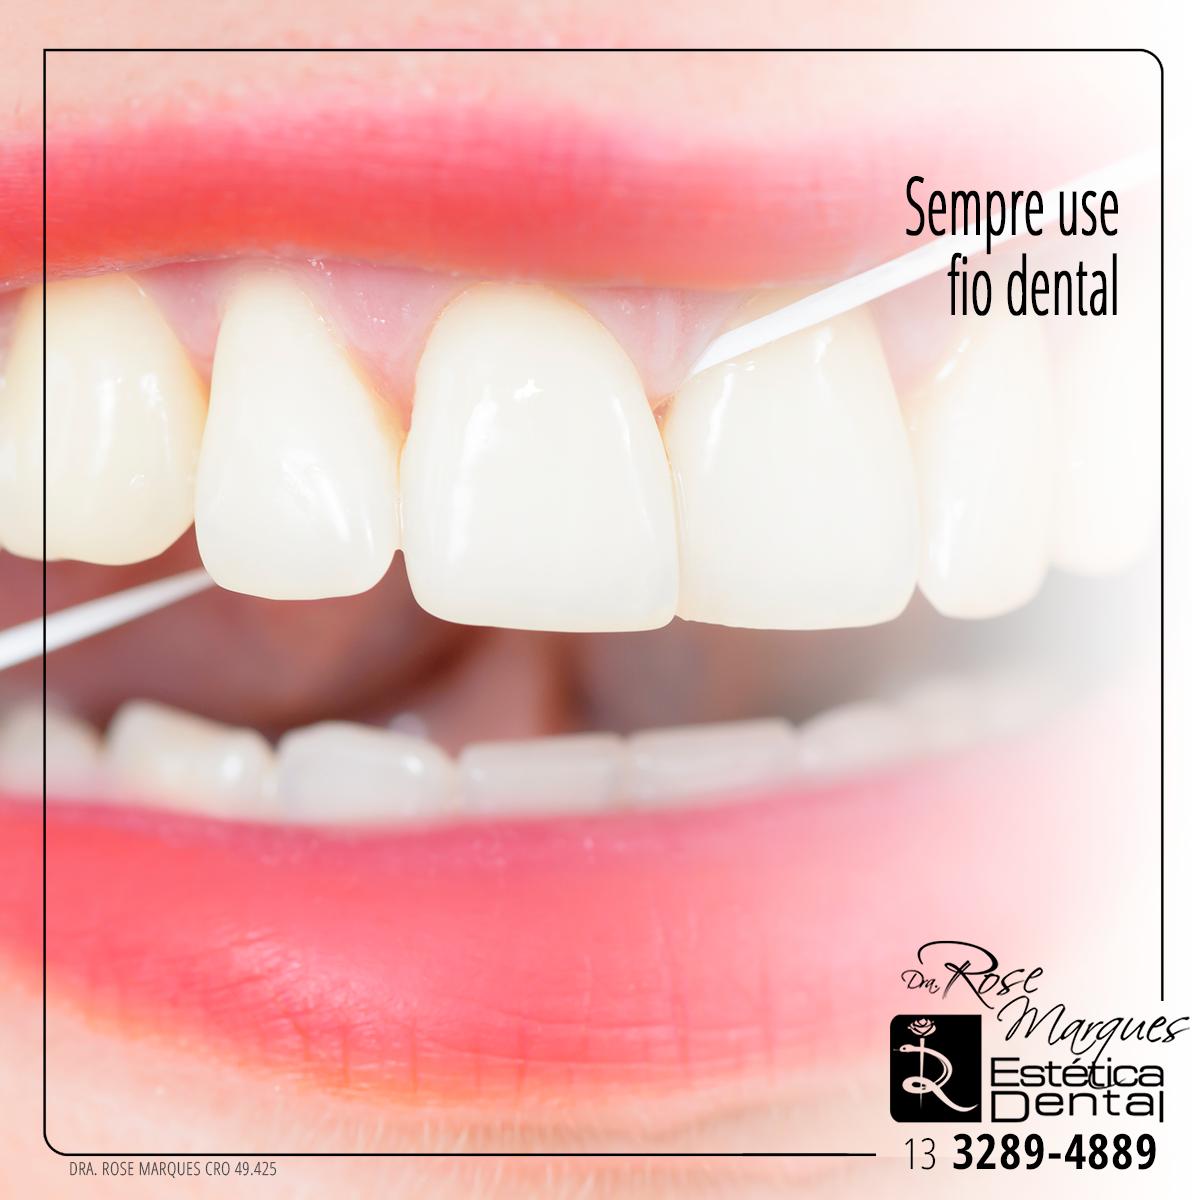 6a348f349 O uso do fio dental é muito importante para remover restos de alimentos e a  placa